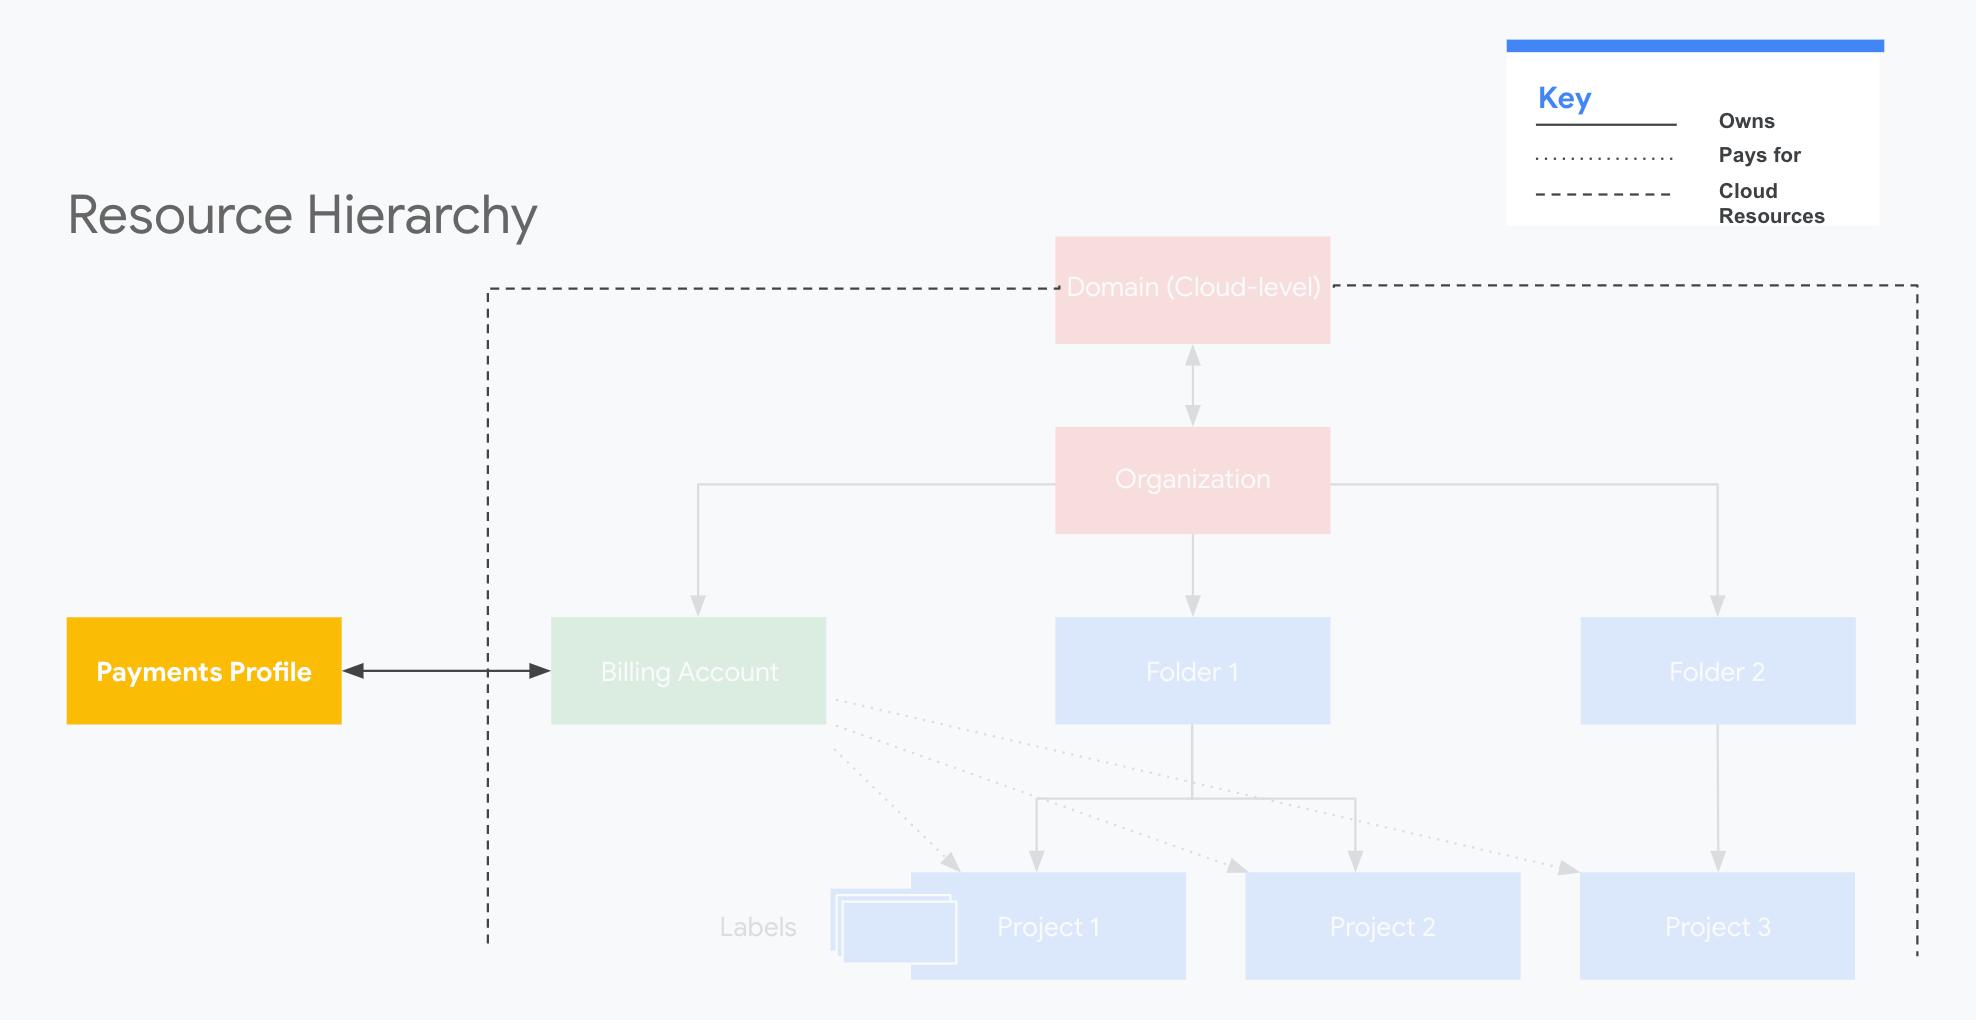 리소스 계층 구조의 Google 결제 프로필